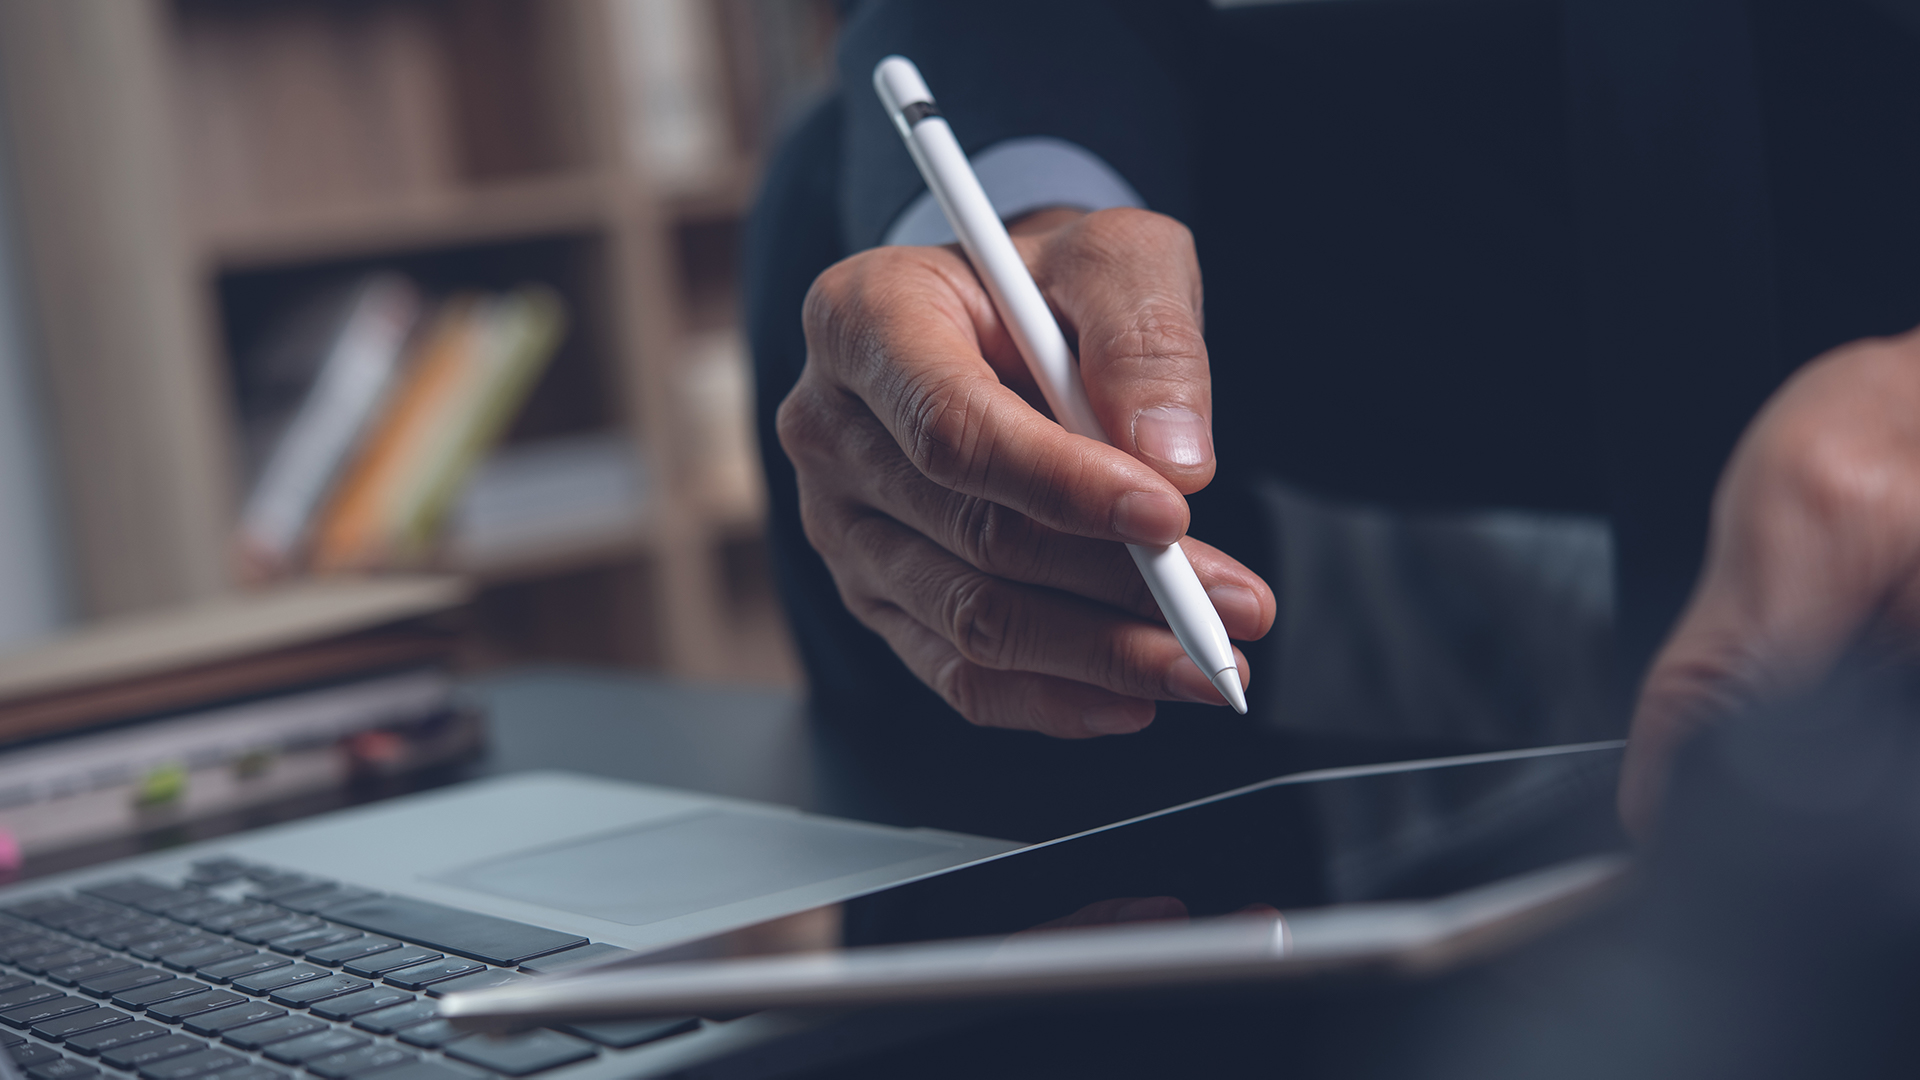 Come funziona la firma digitale?